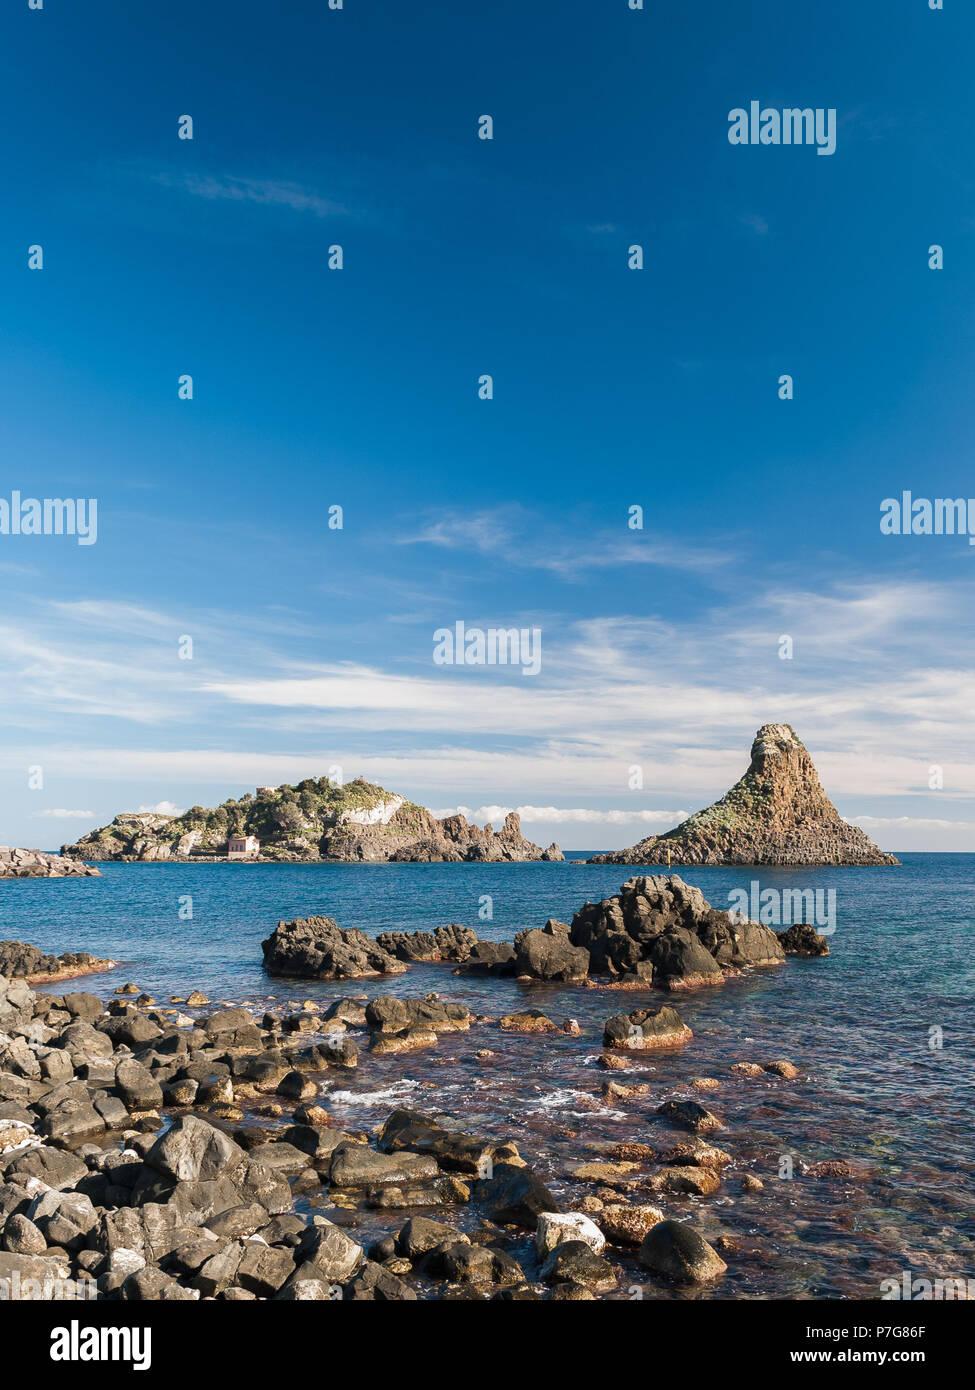 Insel Lachea und einem Meer Stapeln, geologische Besonderheiten in Acitrezza (Sizilien) Stockfoto